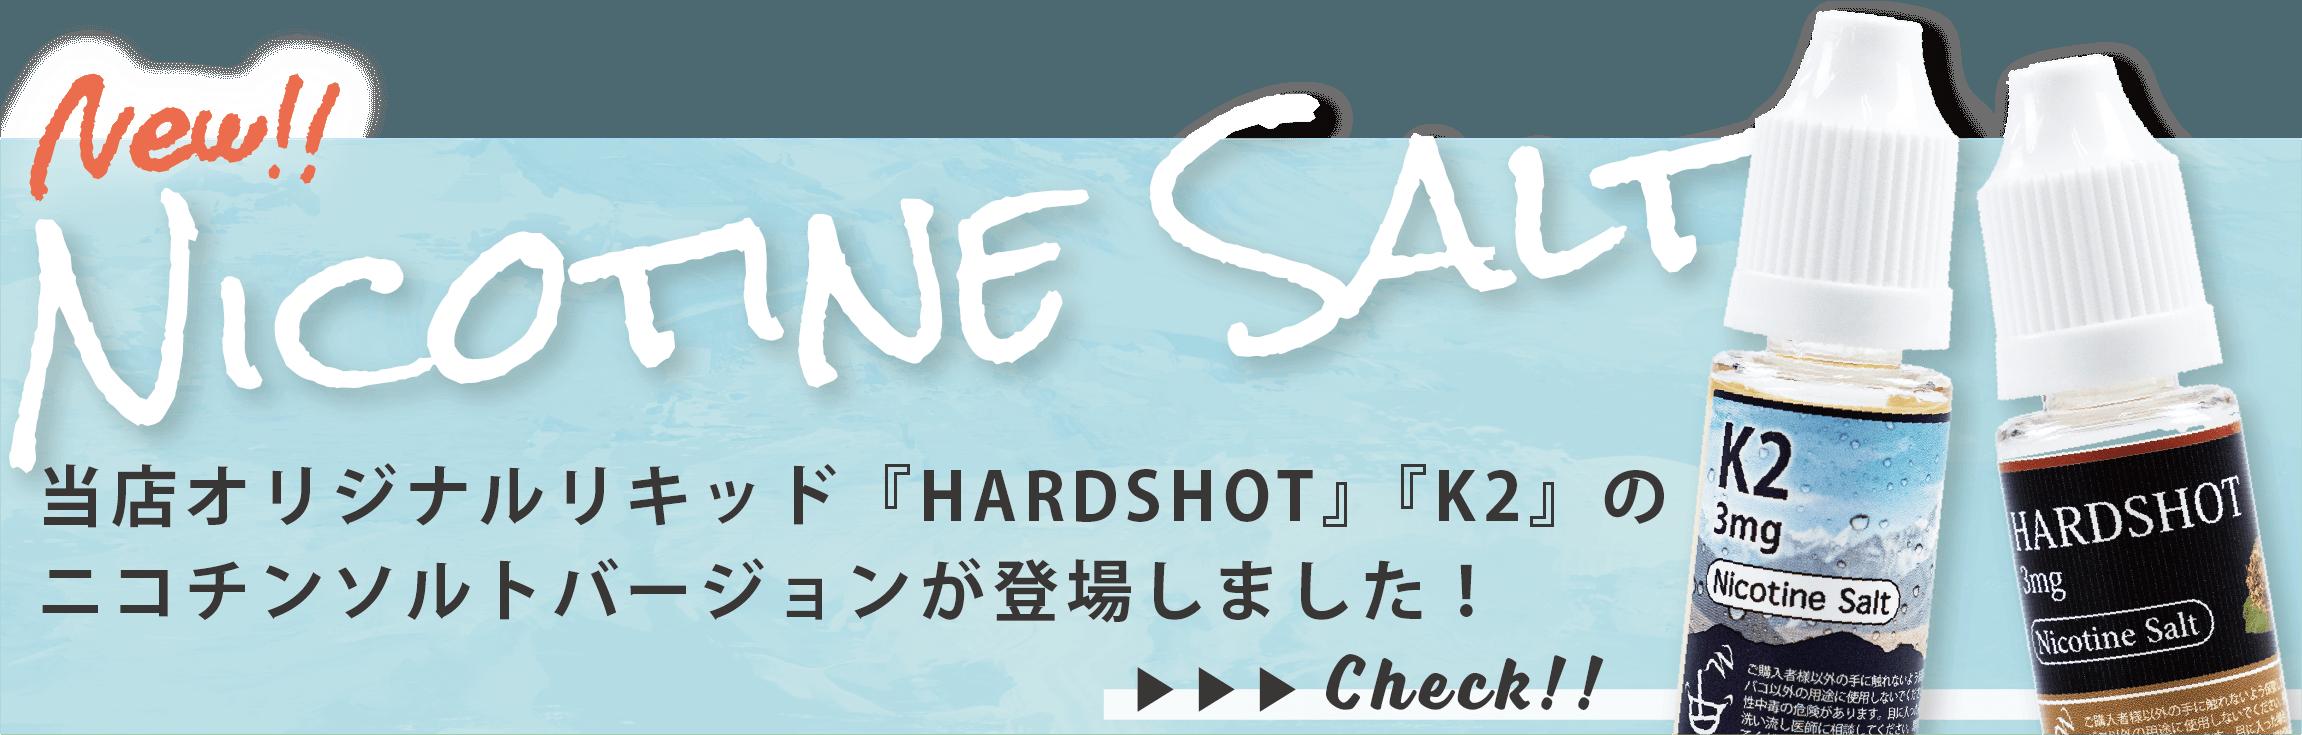 当店オリジナルリキッド『HARDSHOT』『K2』の ニコチンソルトバージョンが登場しました!